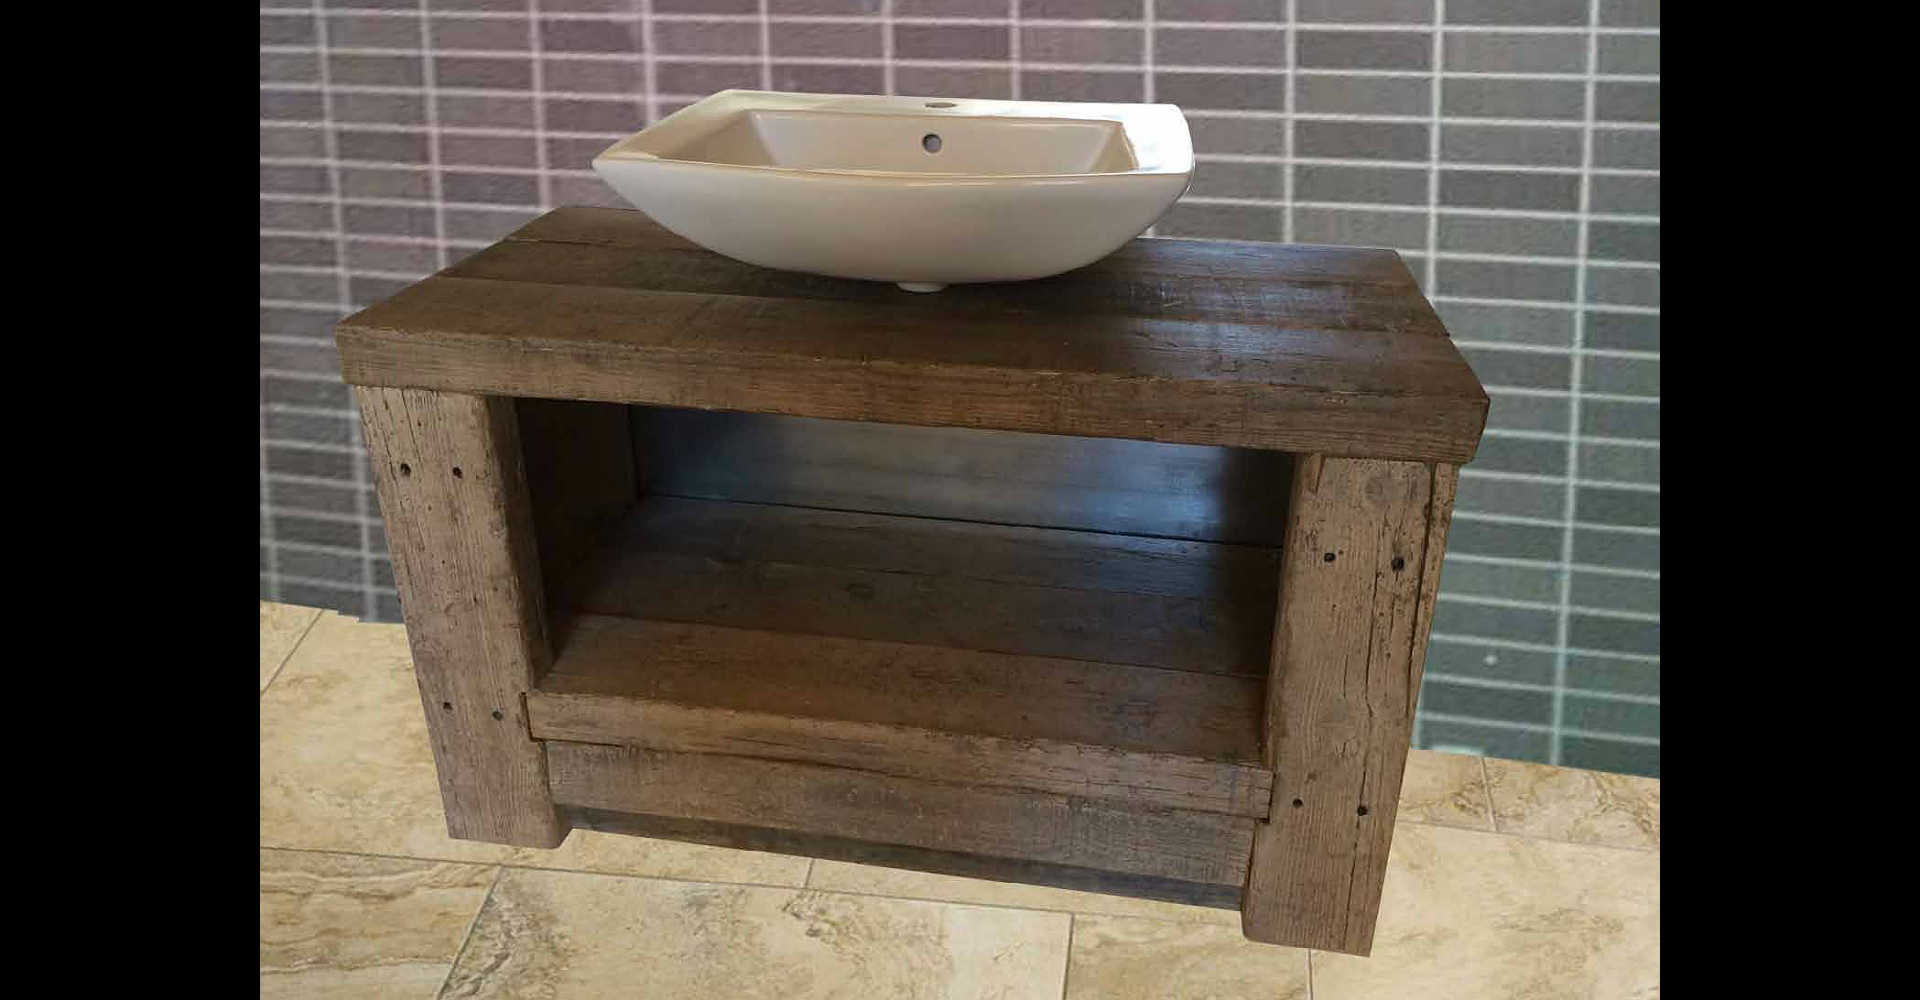 Coolwood muebles originales de gran formato de madera for Muebles con madera reciclada